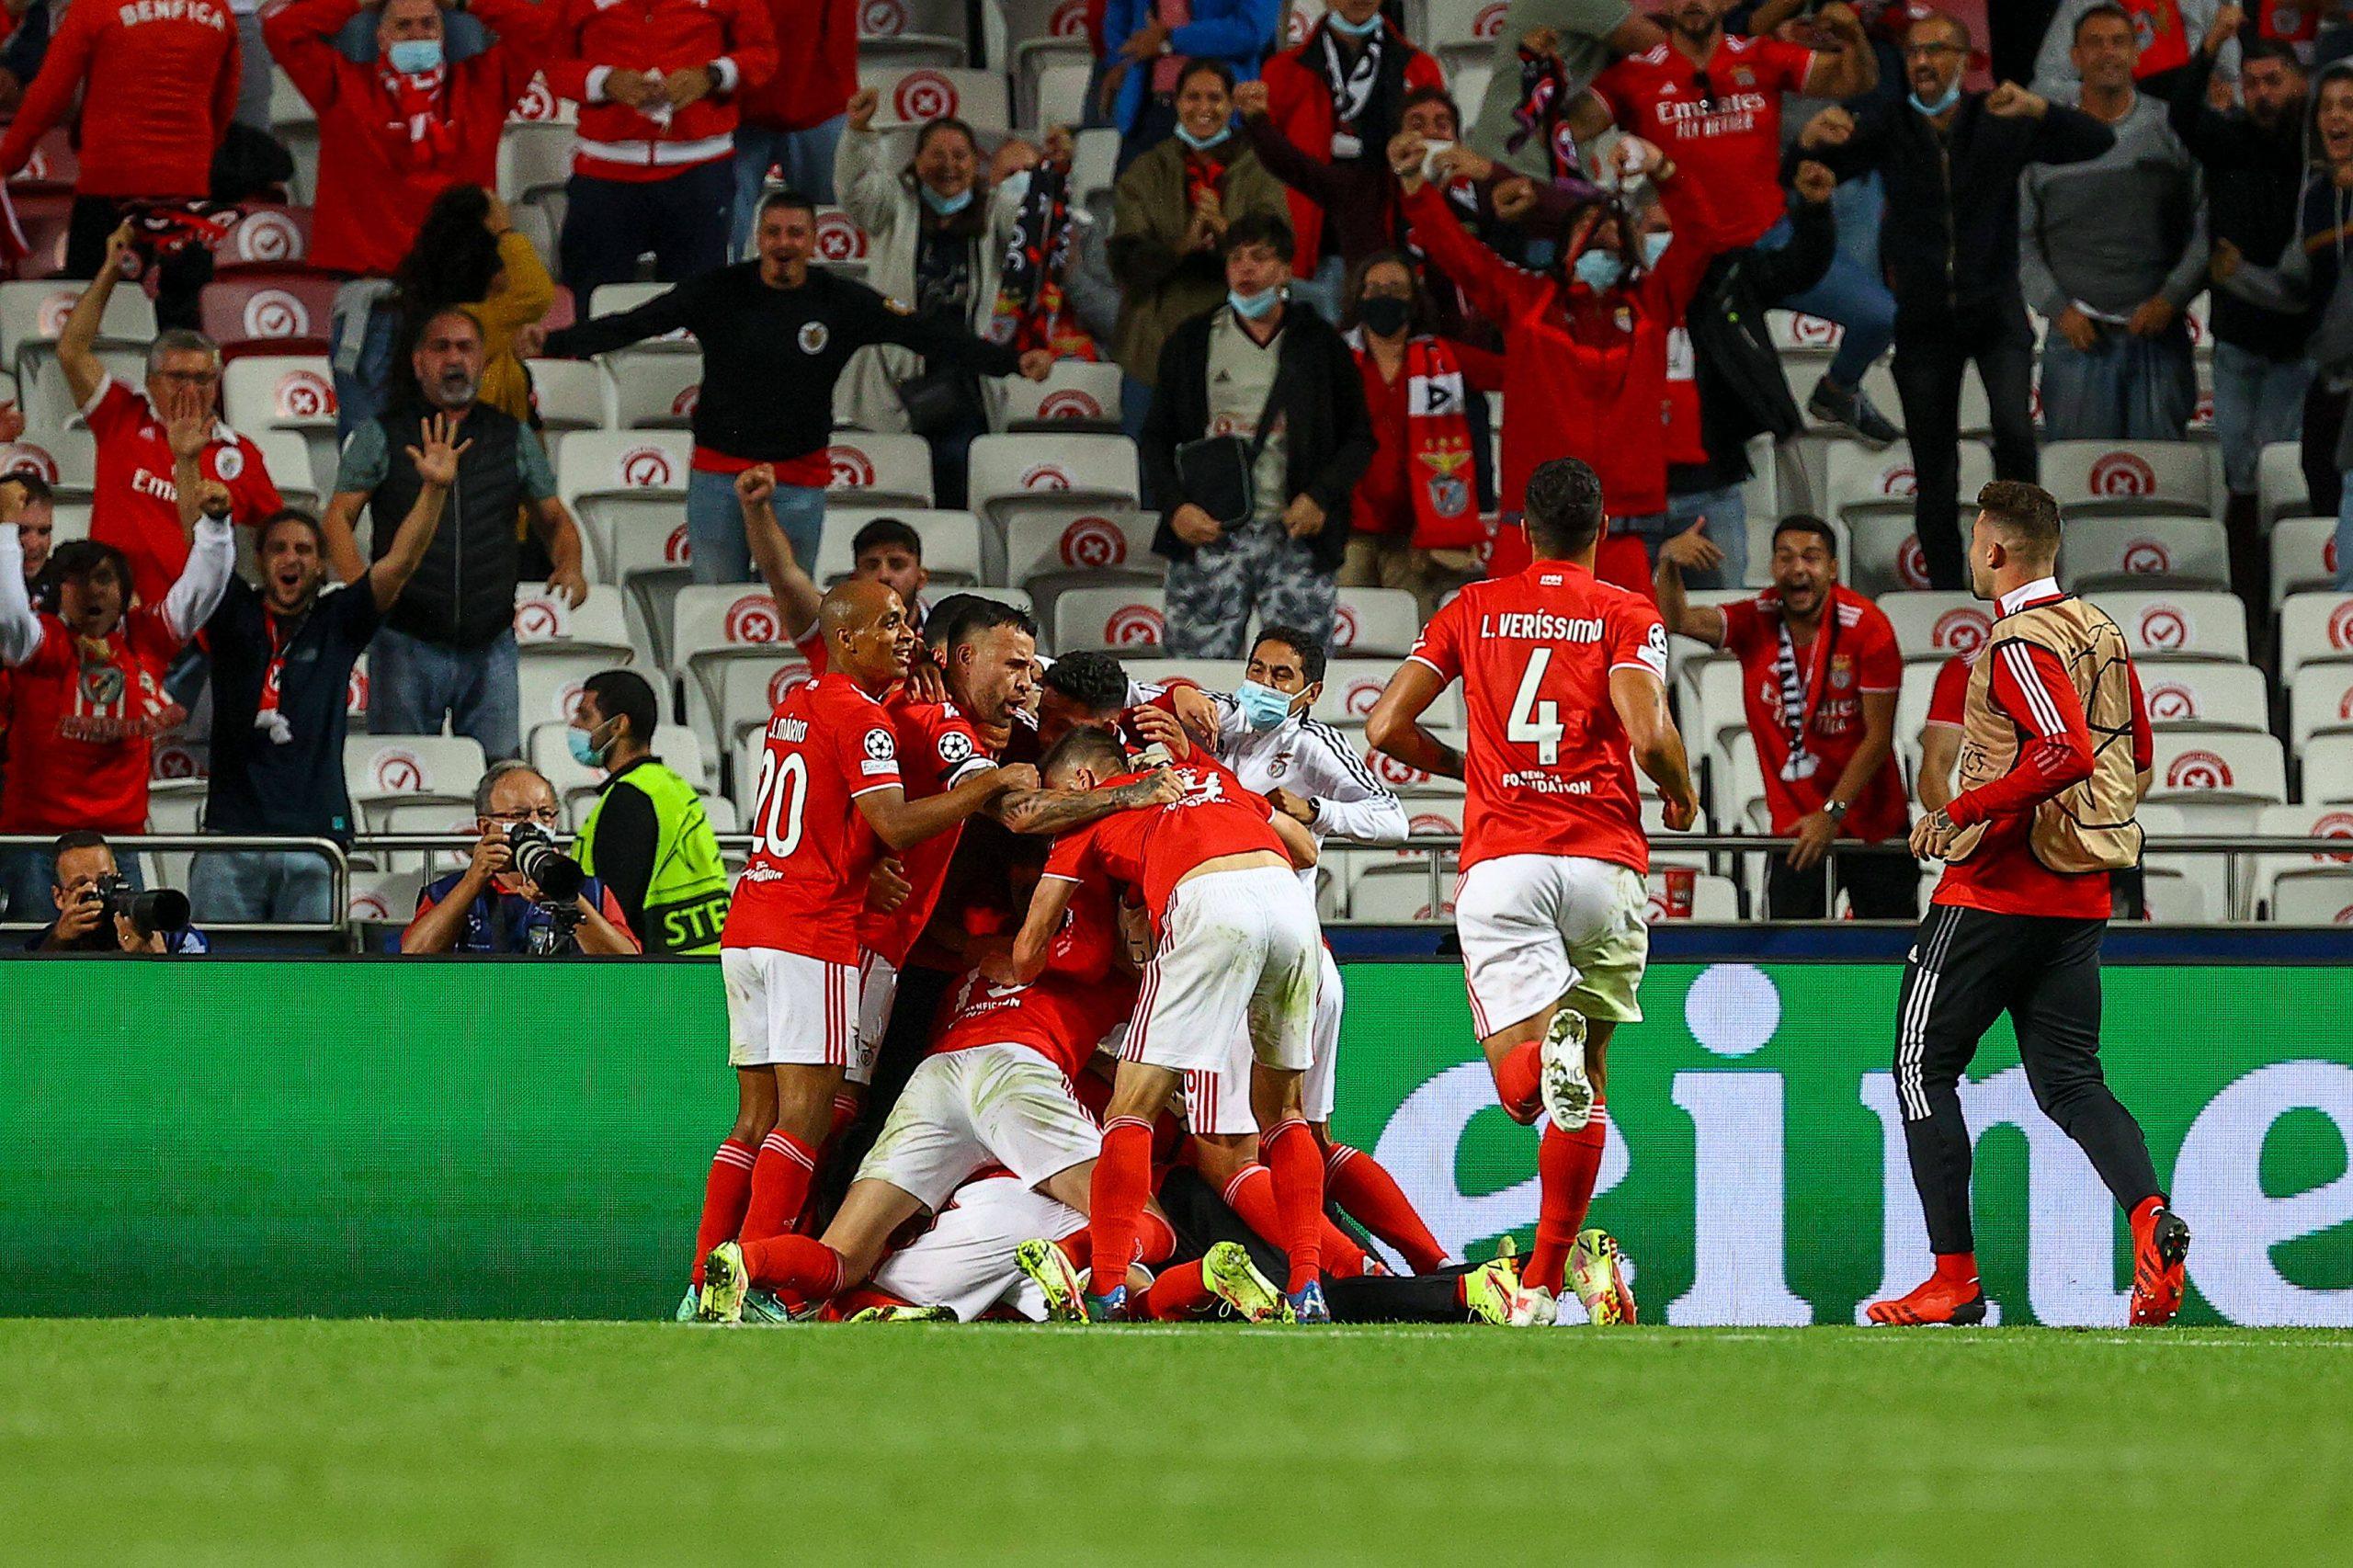 Le SL Benfica célèbre face au FC Barcelone